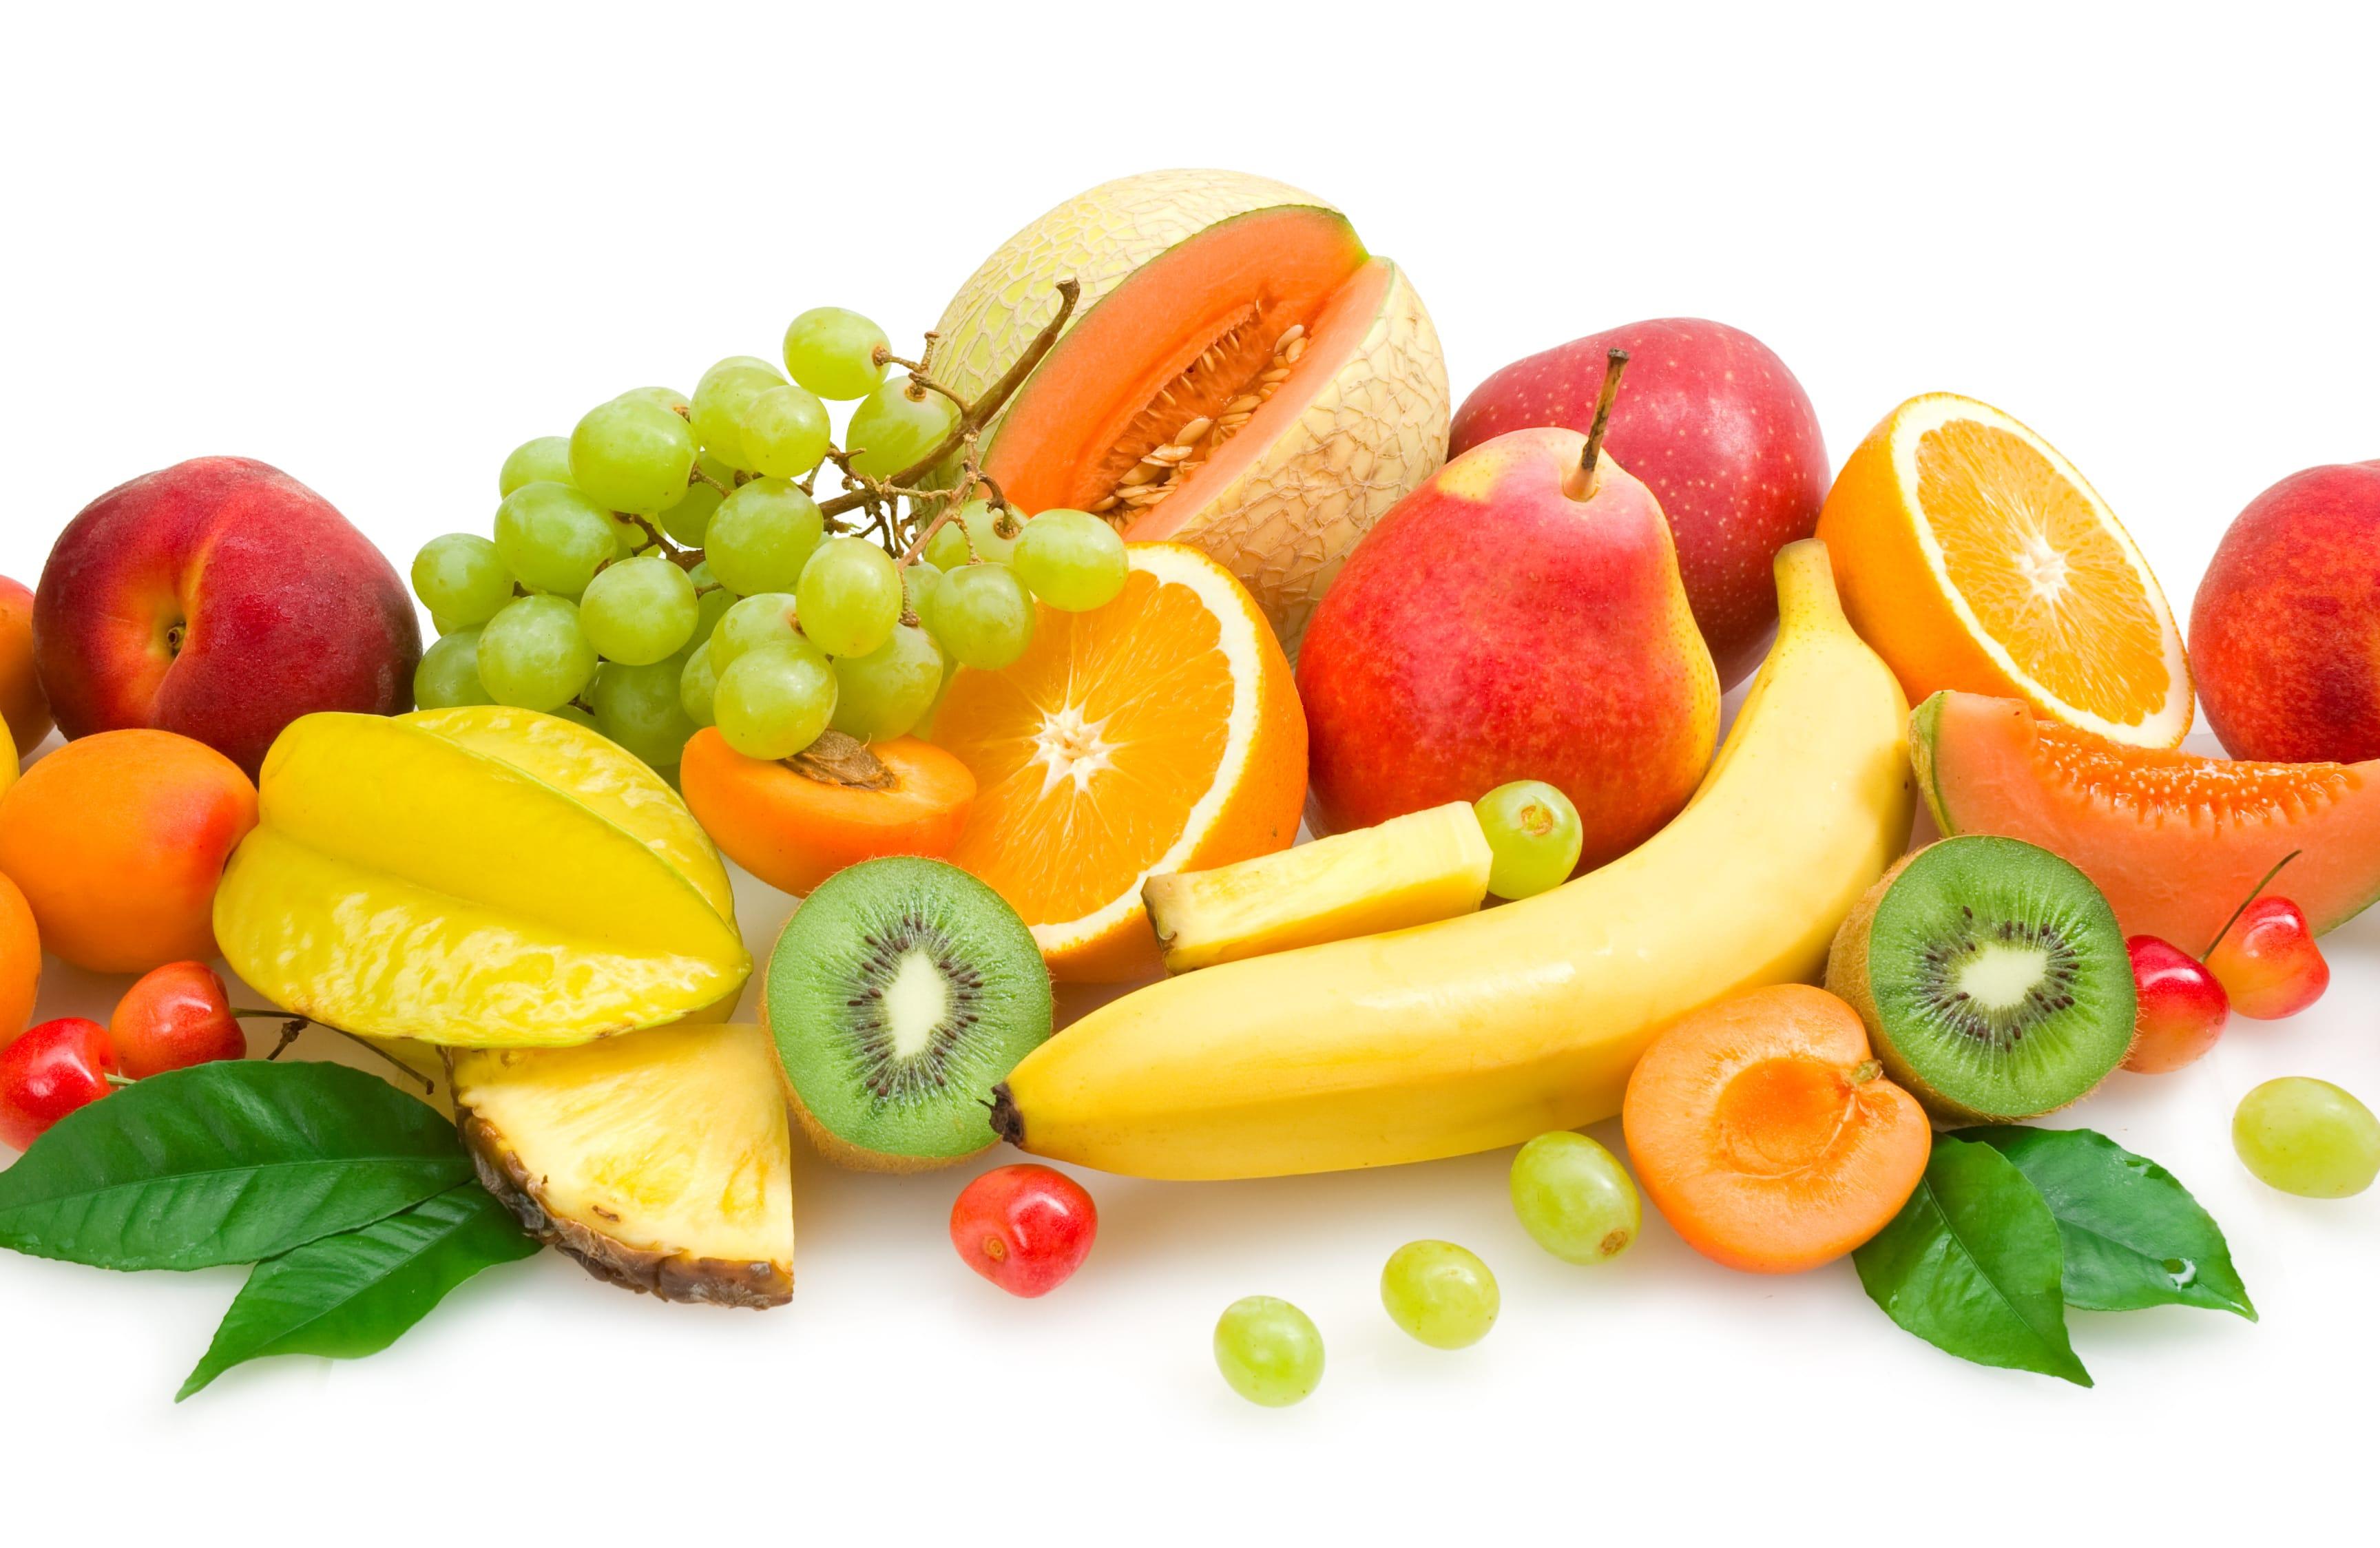 Propriet frutta e verdura in base al colore non sprecare - Immagine del mouse a colori ...